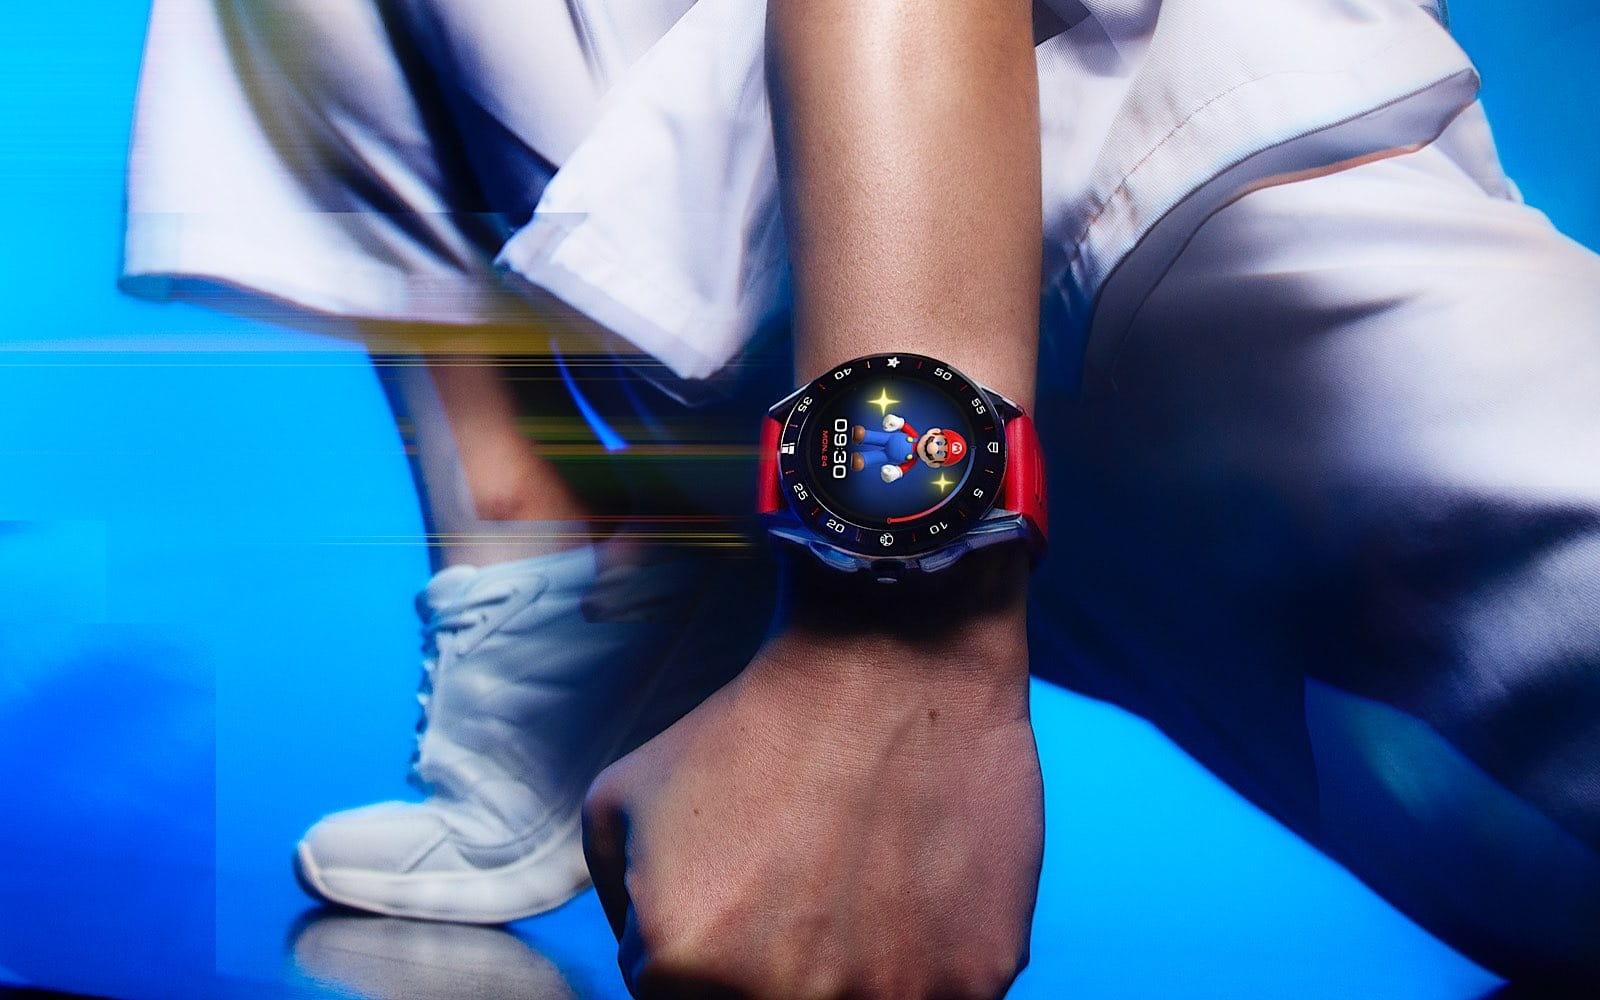 TAG Heuer Mario smartwatch